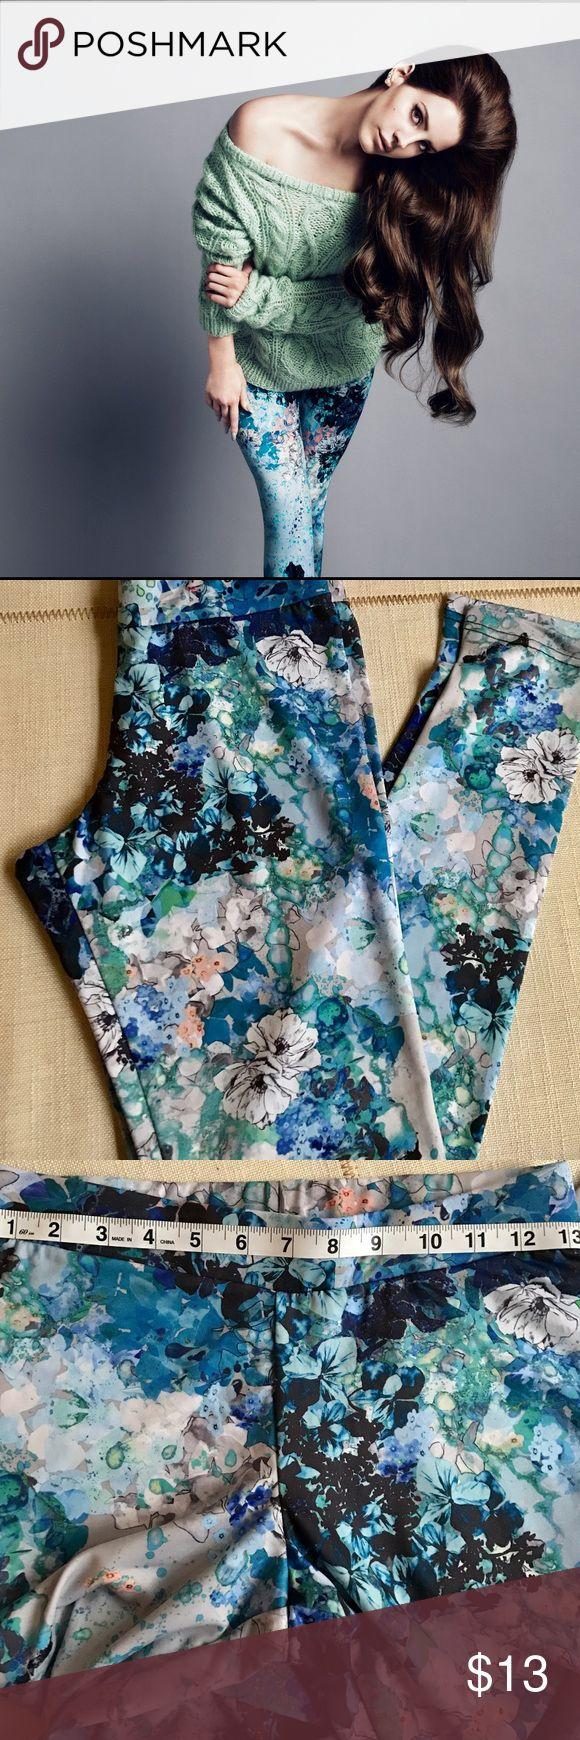 H&M leggins H&M leggings,93% polyester 7% elastane.never used H&M Pants Leggings